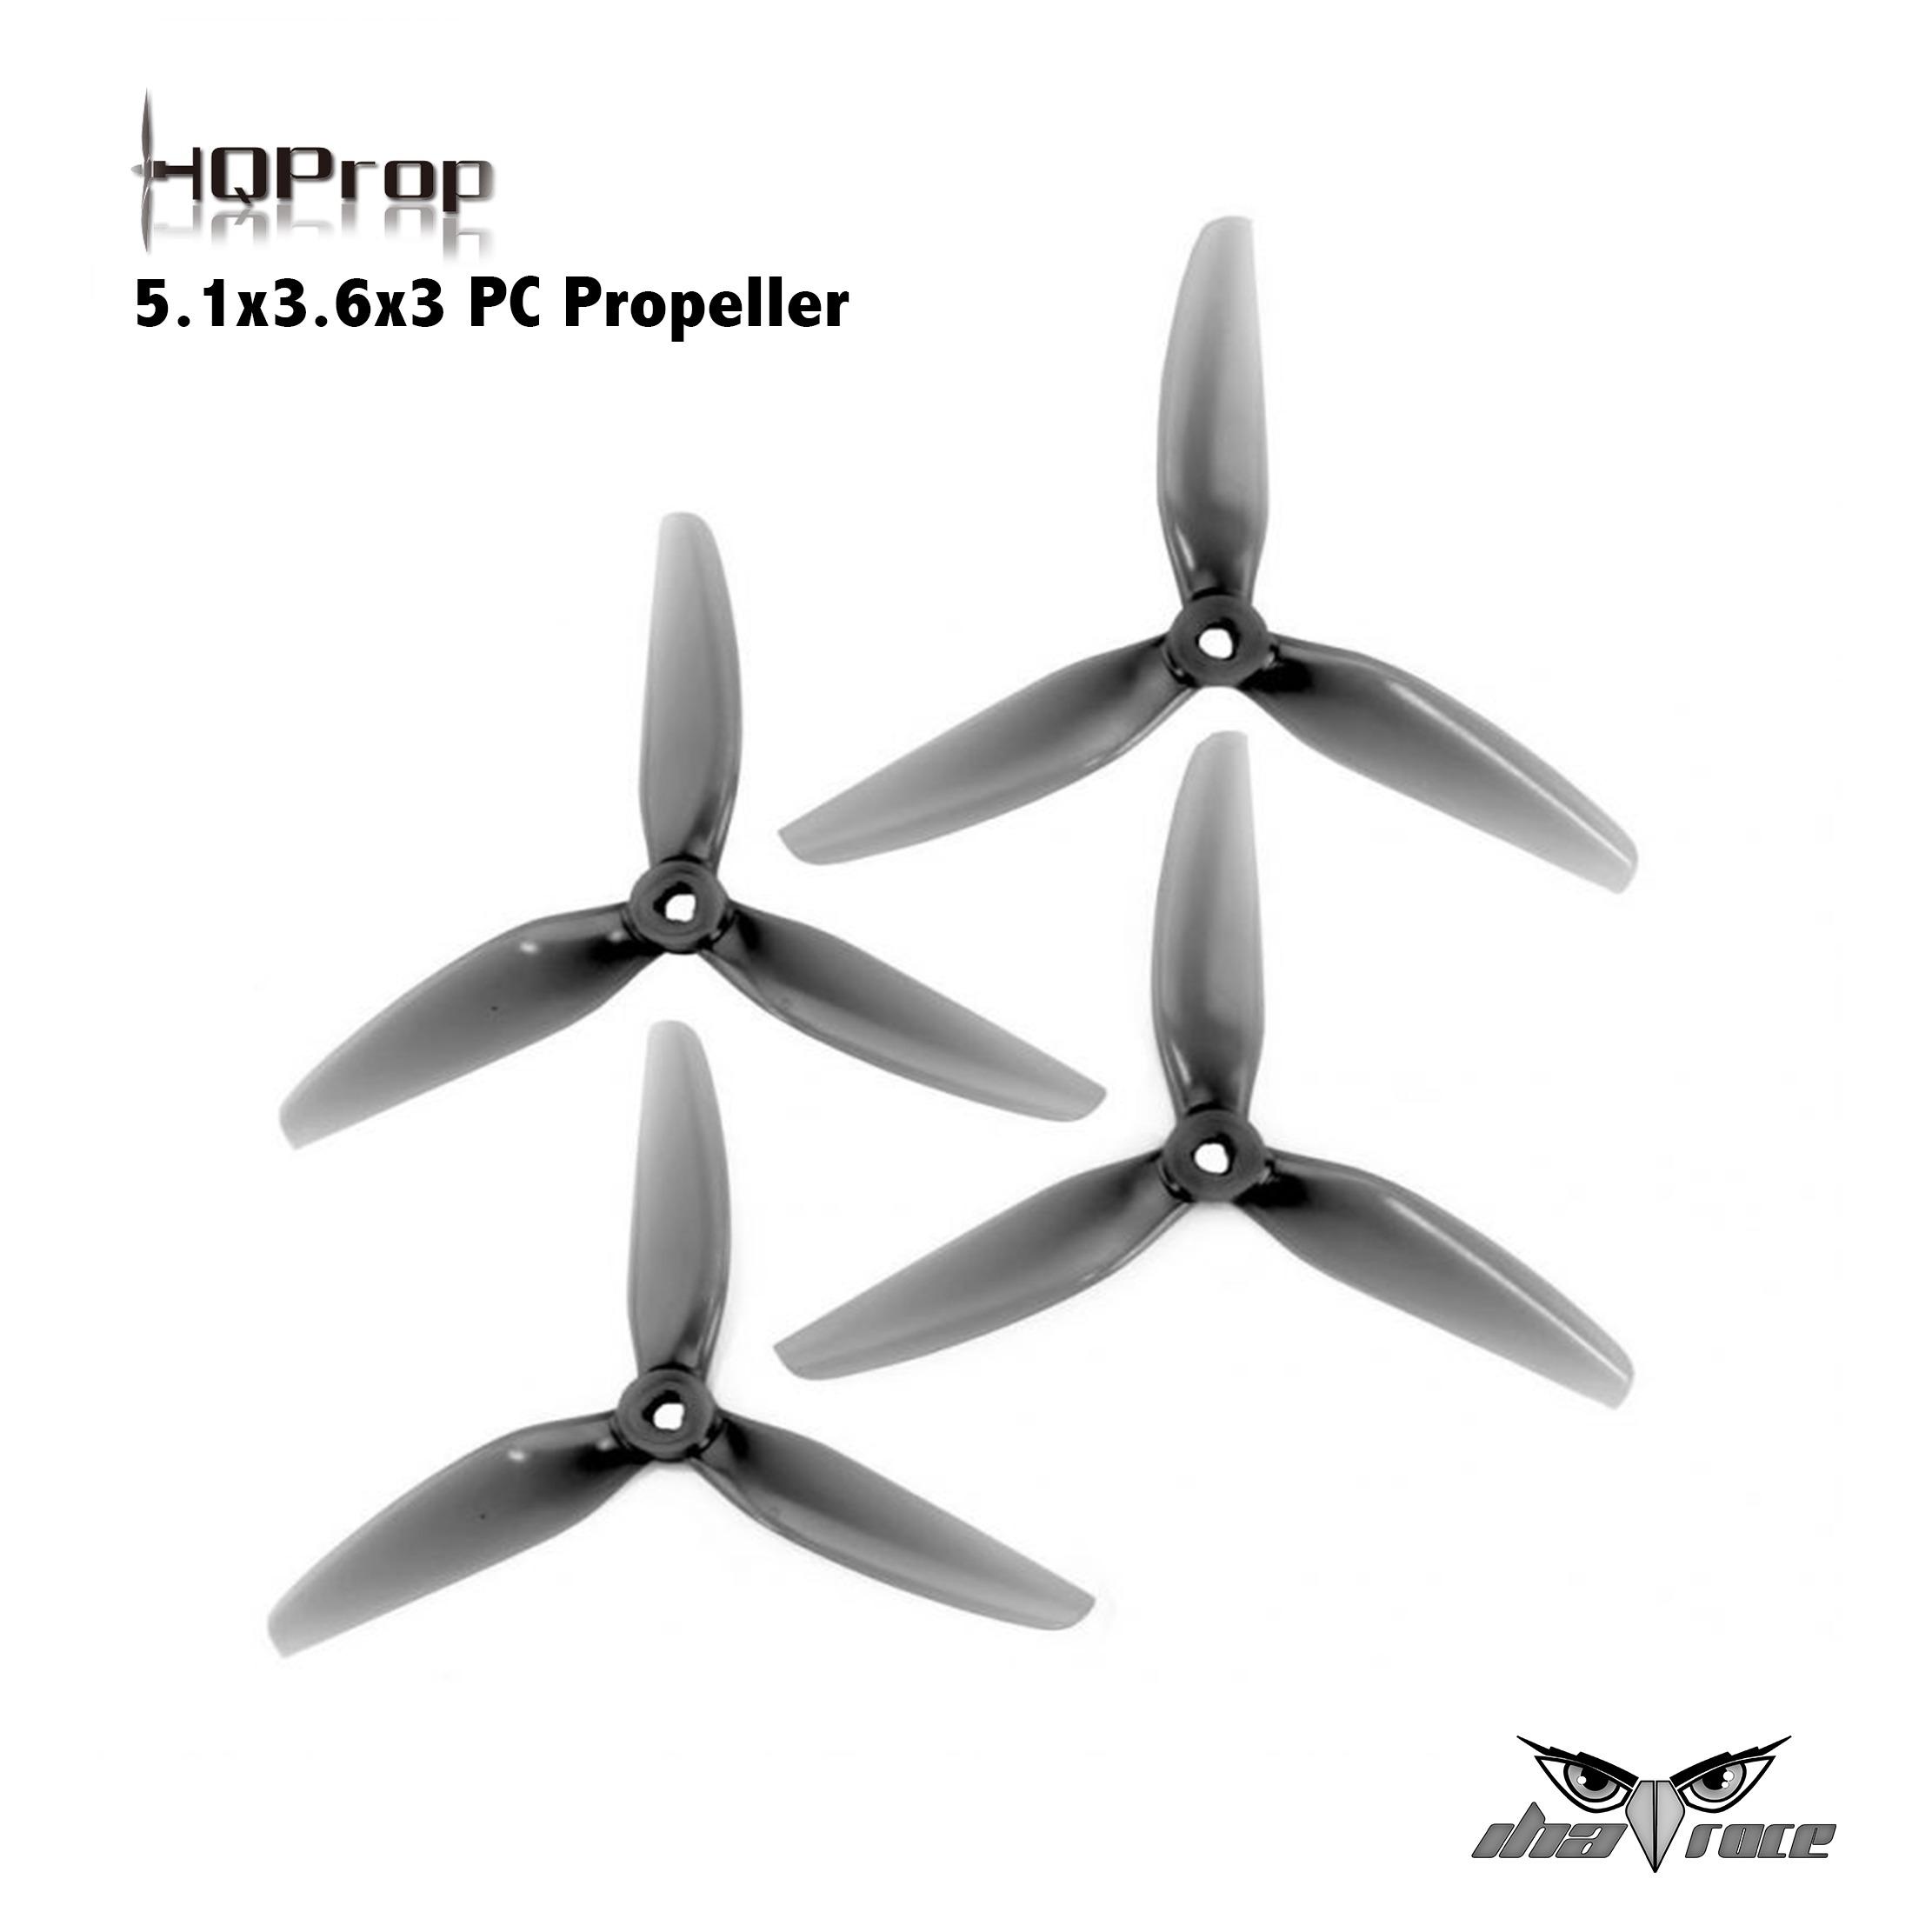 HQProp 5.1x3.6x3 PC Propeller (Gris)